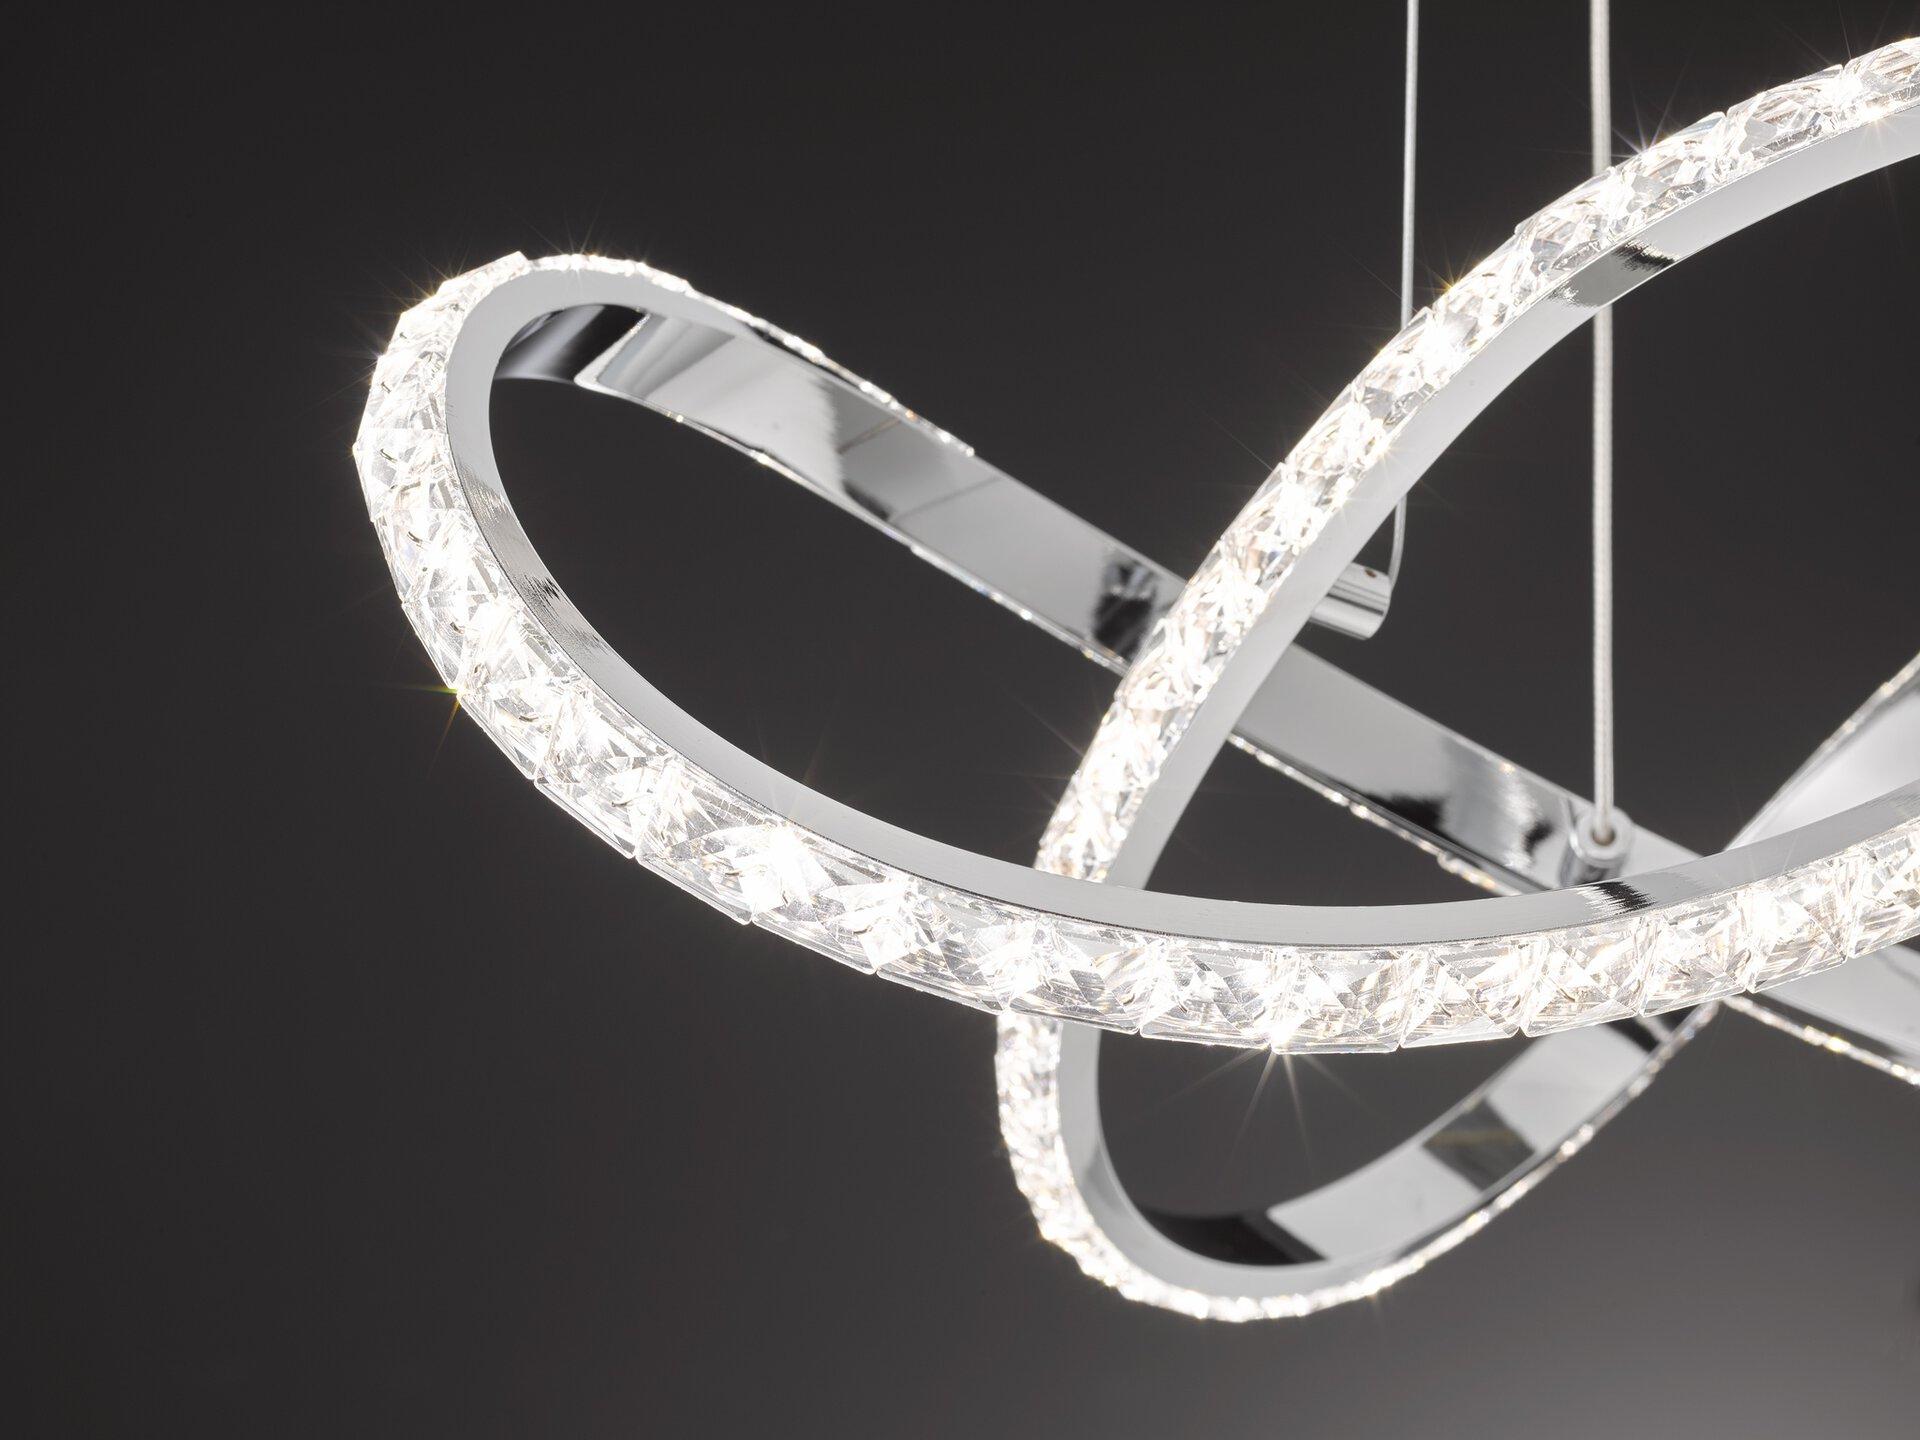 Hängeleuchte Prisma Wofi Leuchten Metall silber 55 x 120 x 55 cm